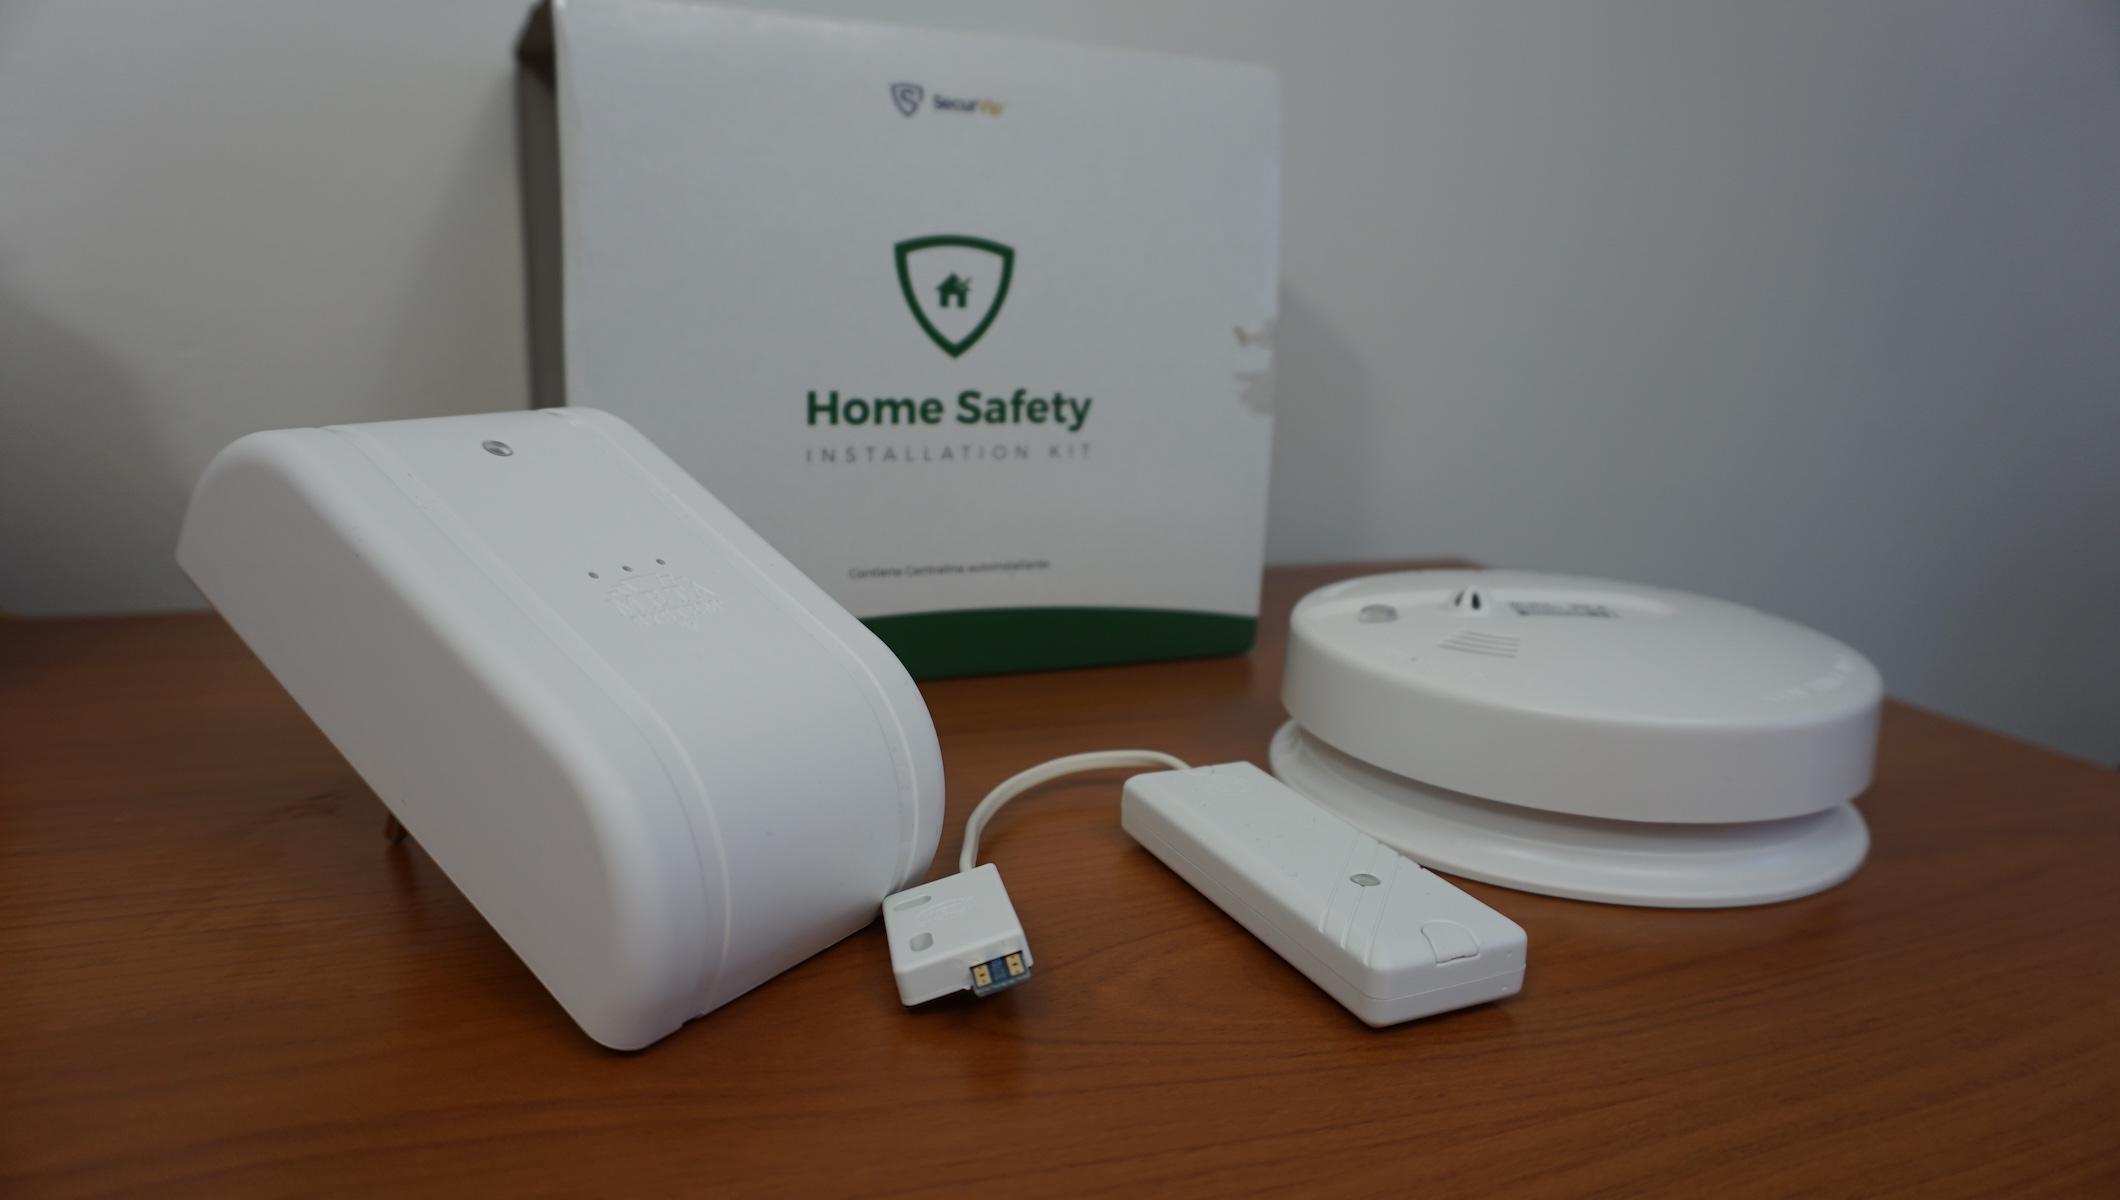 [Recensione] SecurVip Home Safety: la protezione smart contro incendi ed allagamenti thumbnail